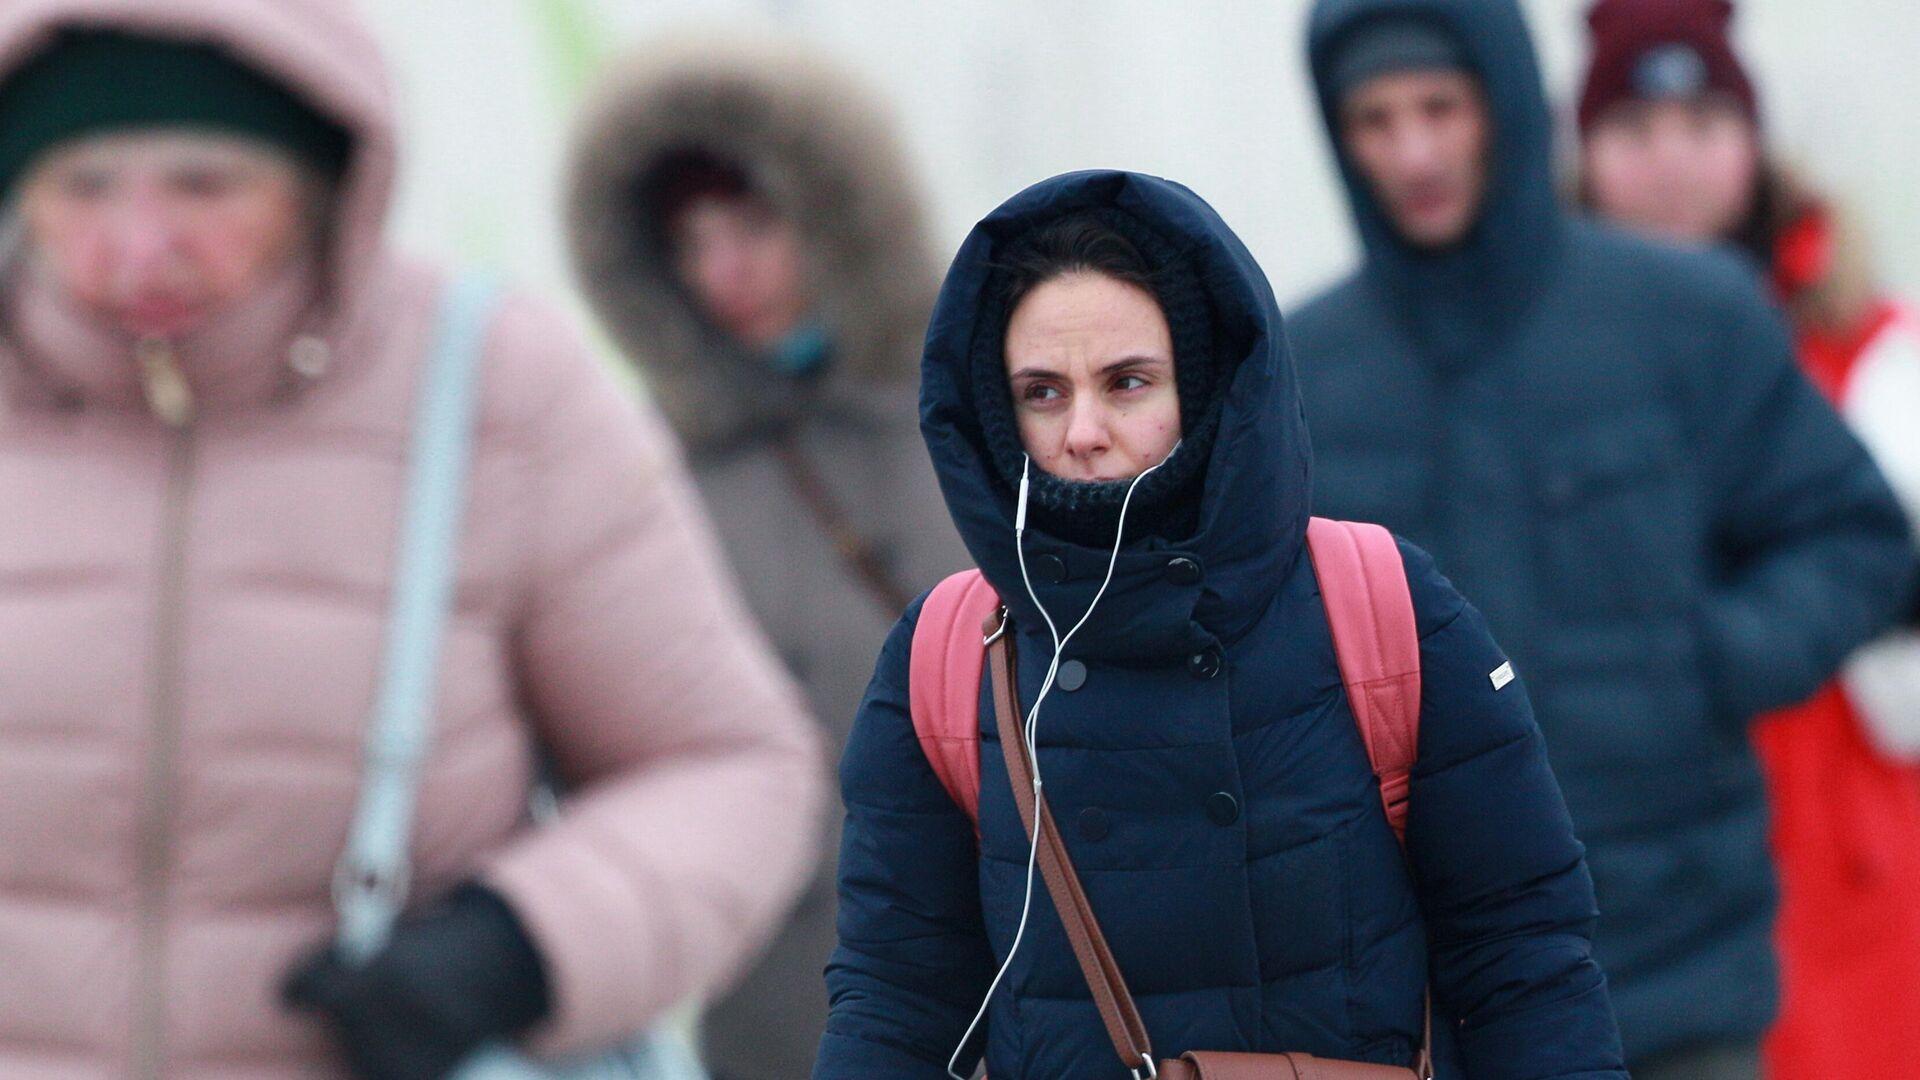 Люди на одной из улиц в Москве - РИА Новости, 1920, 07.04.2021